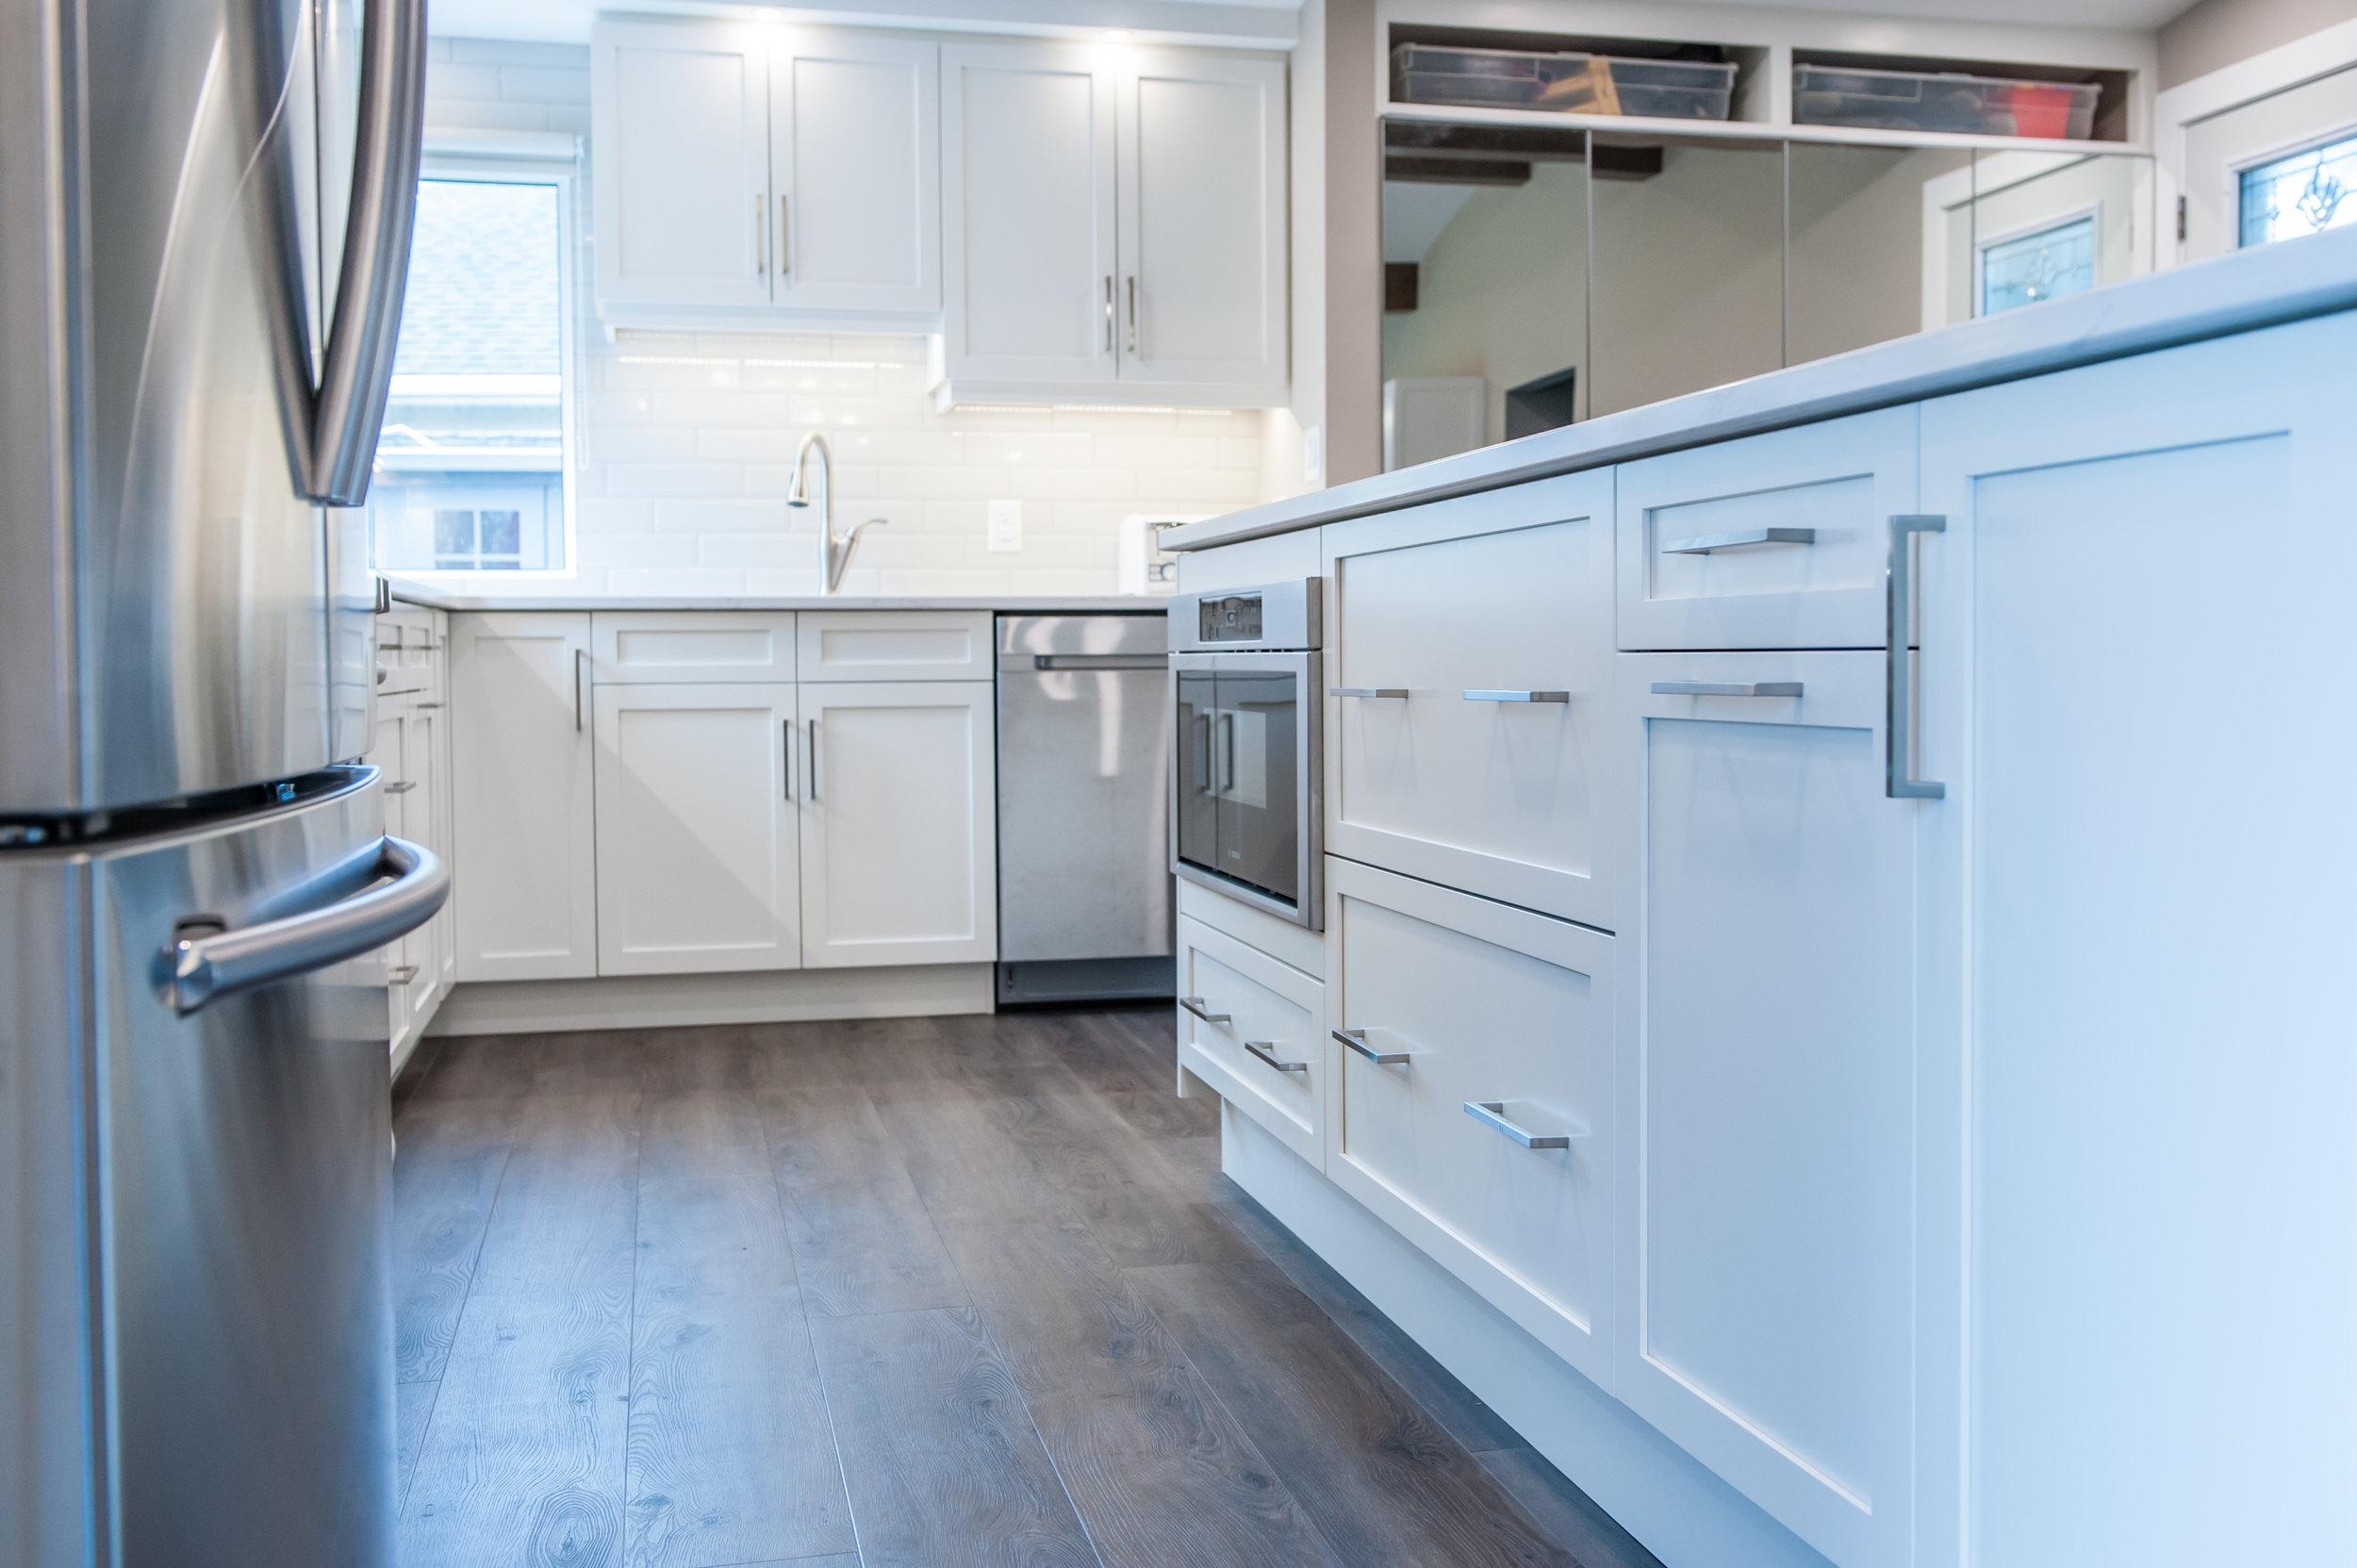 ktichen_white_cabinet_microwave